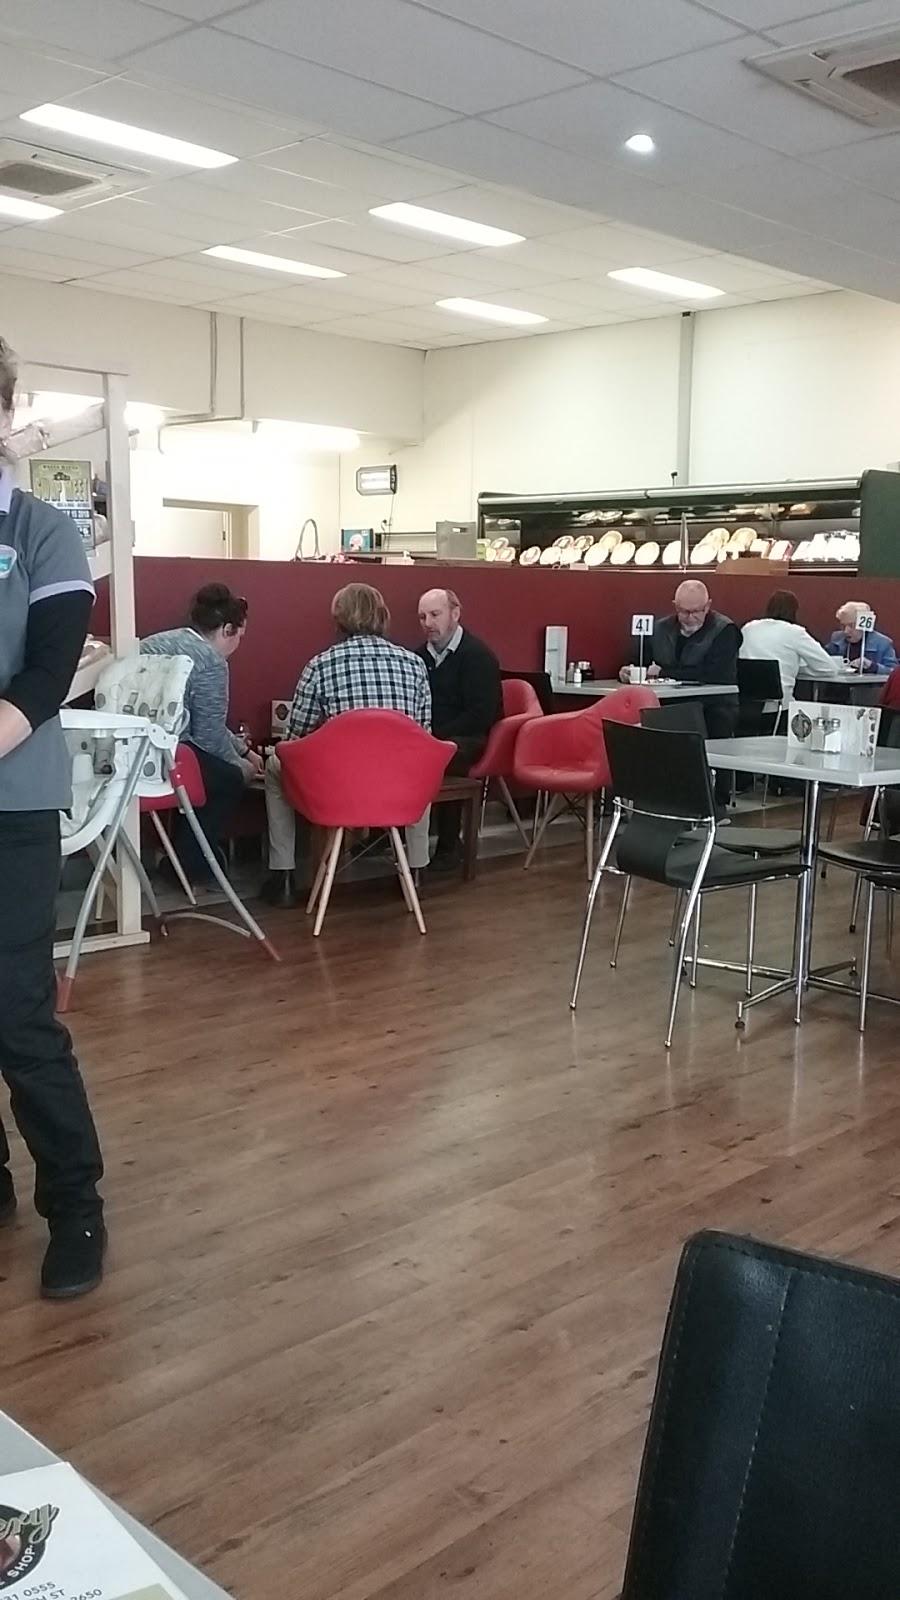 South Wagga Bakery | bakery | 8/180 Forsyth St, Wagga Wagga NSW 2650, Australia | 0269310555 OR +61 2 6931 0555